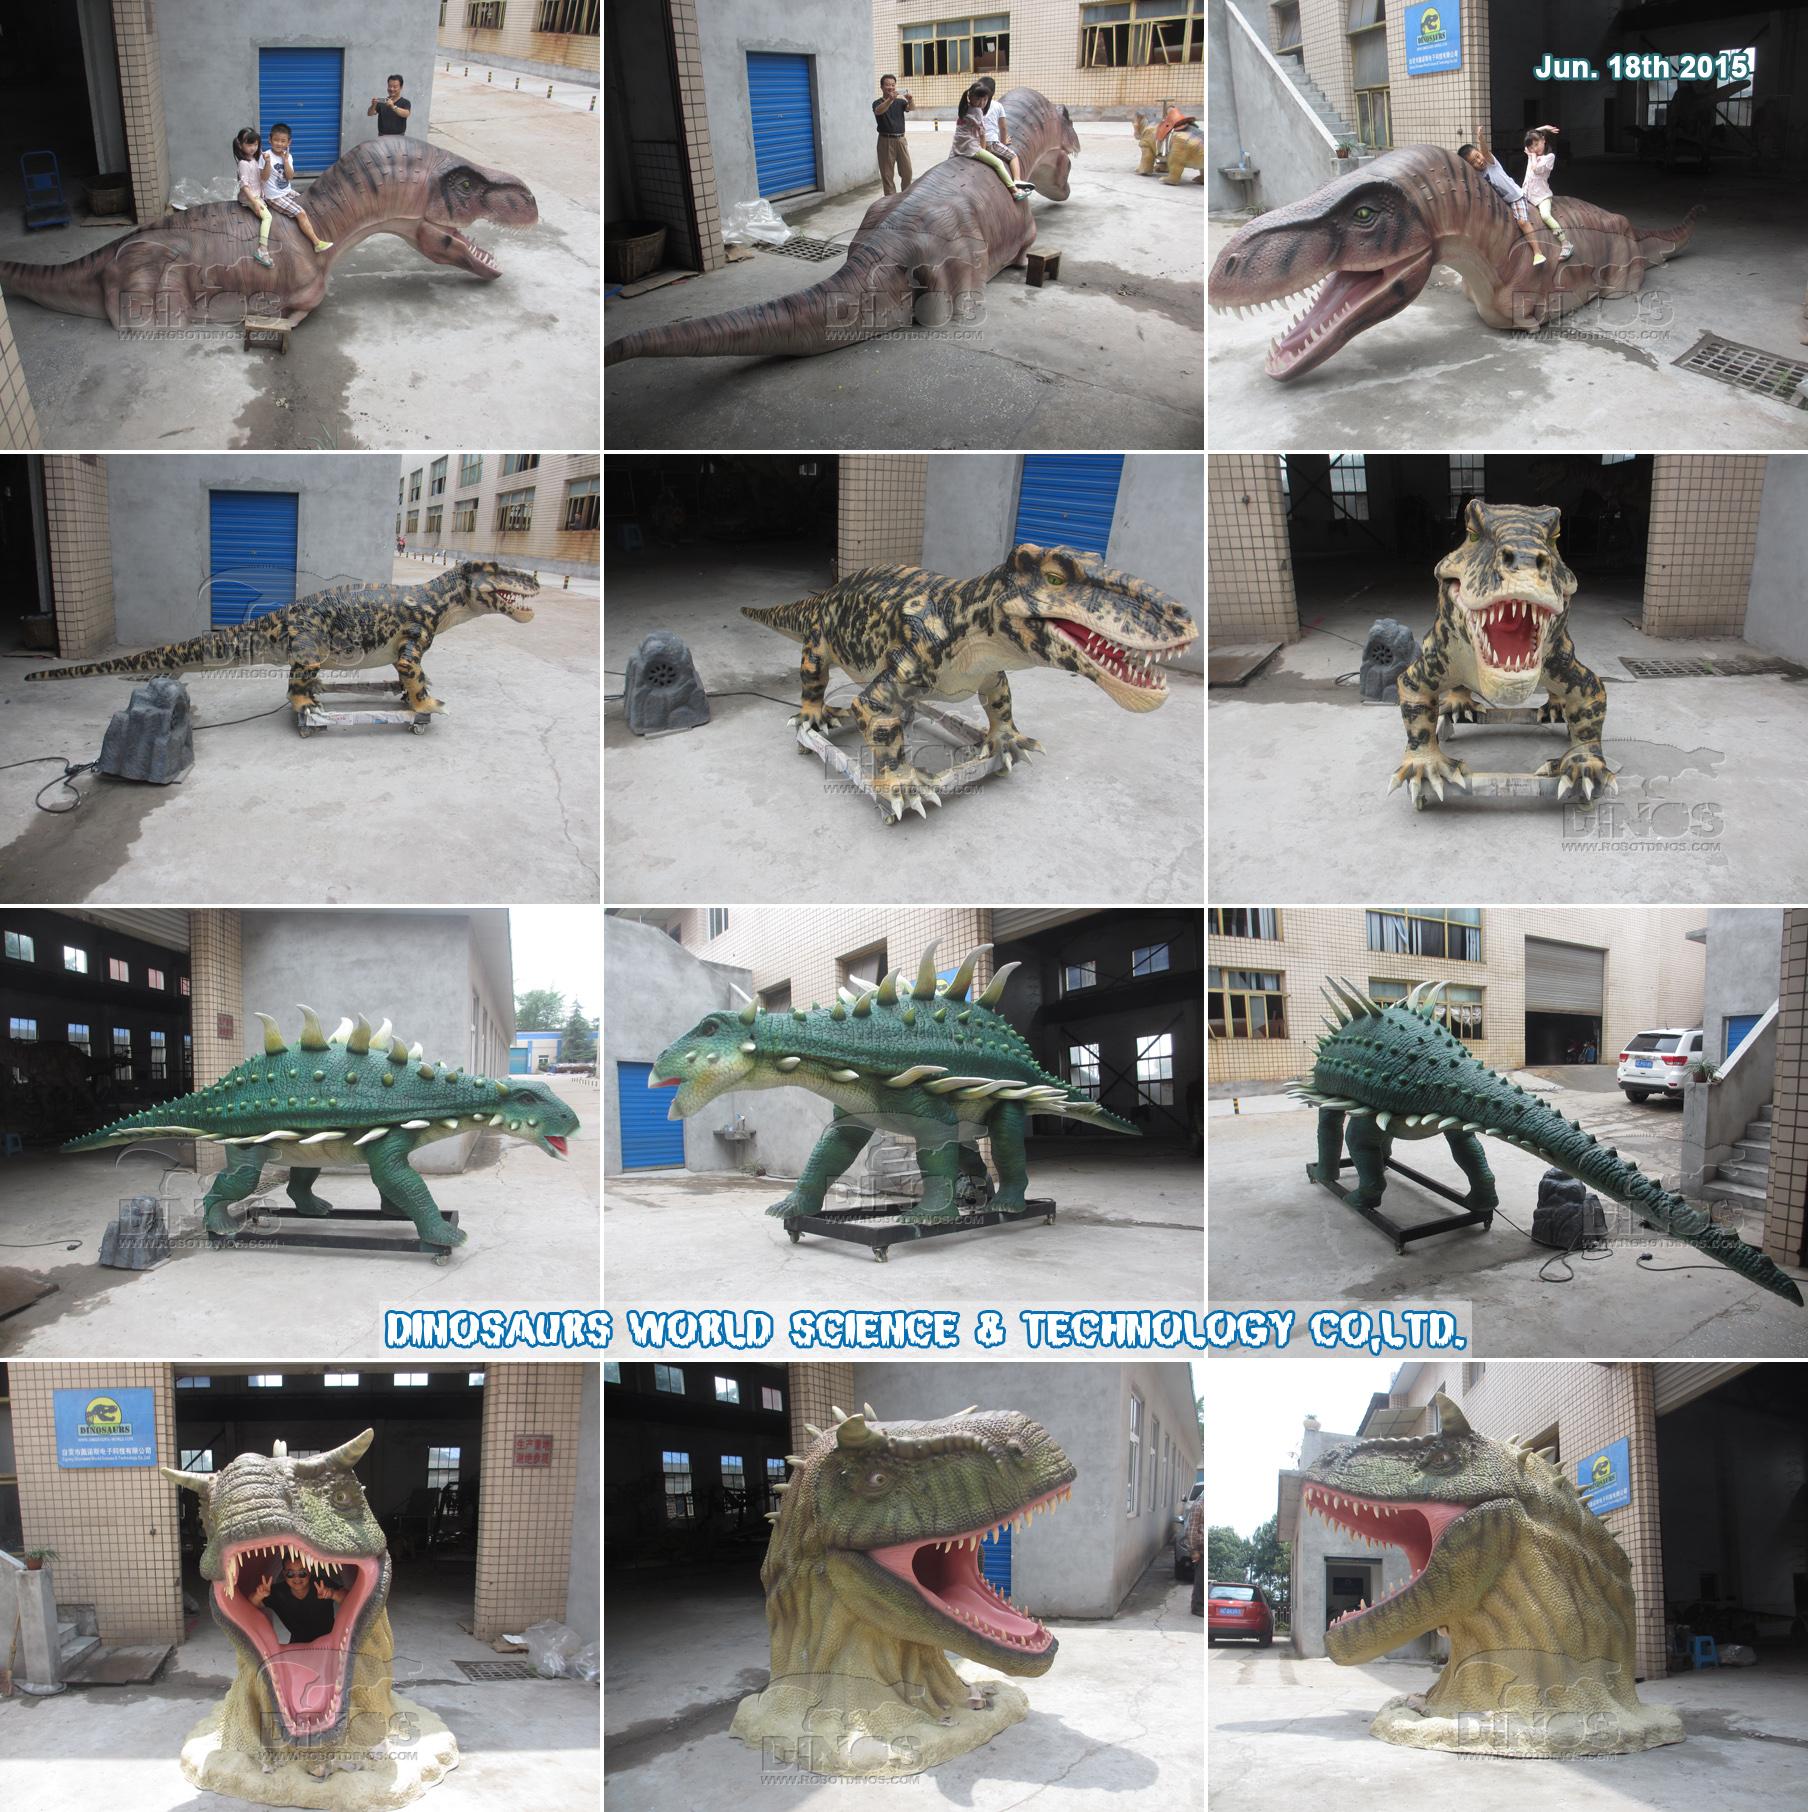 Svi su dinosauri završili u tvornici, 18. lipnja 2015